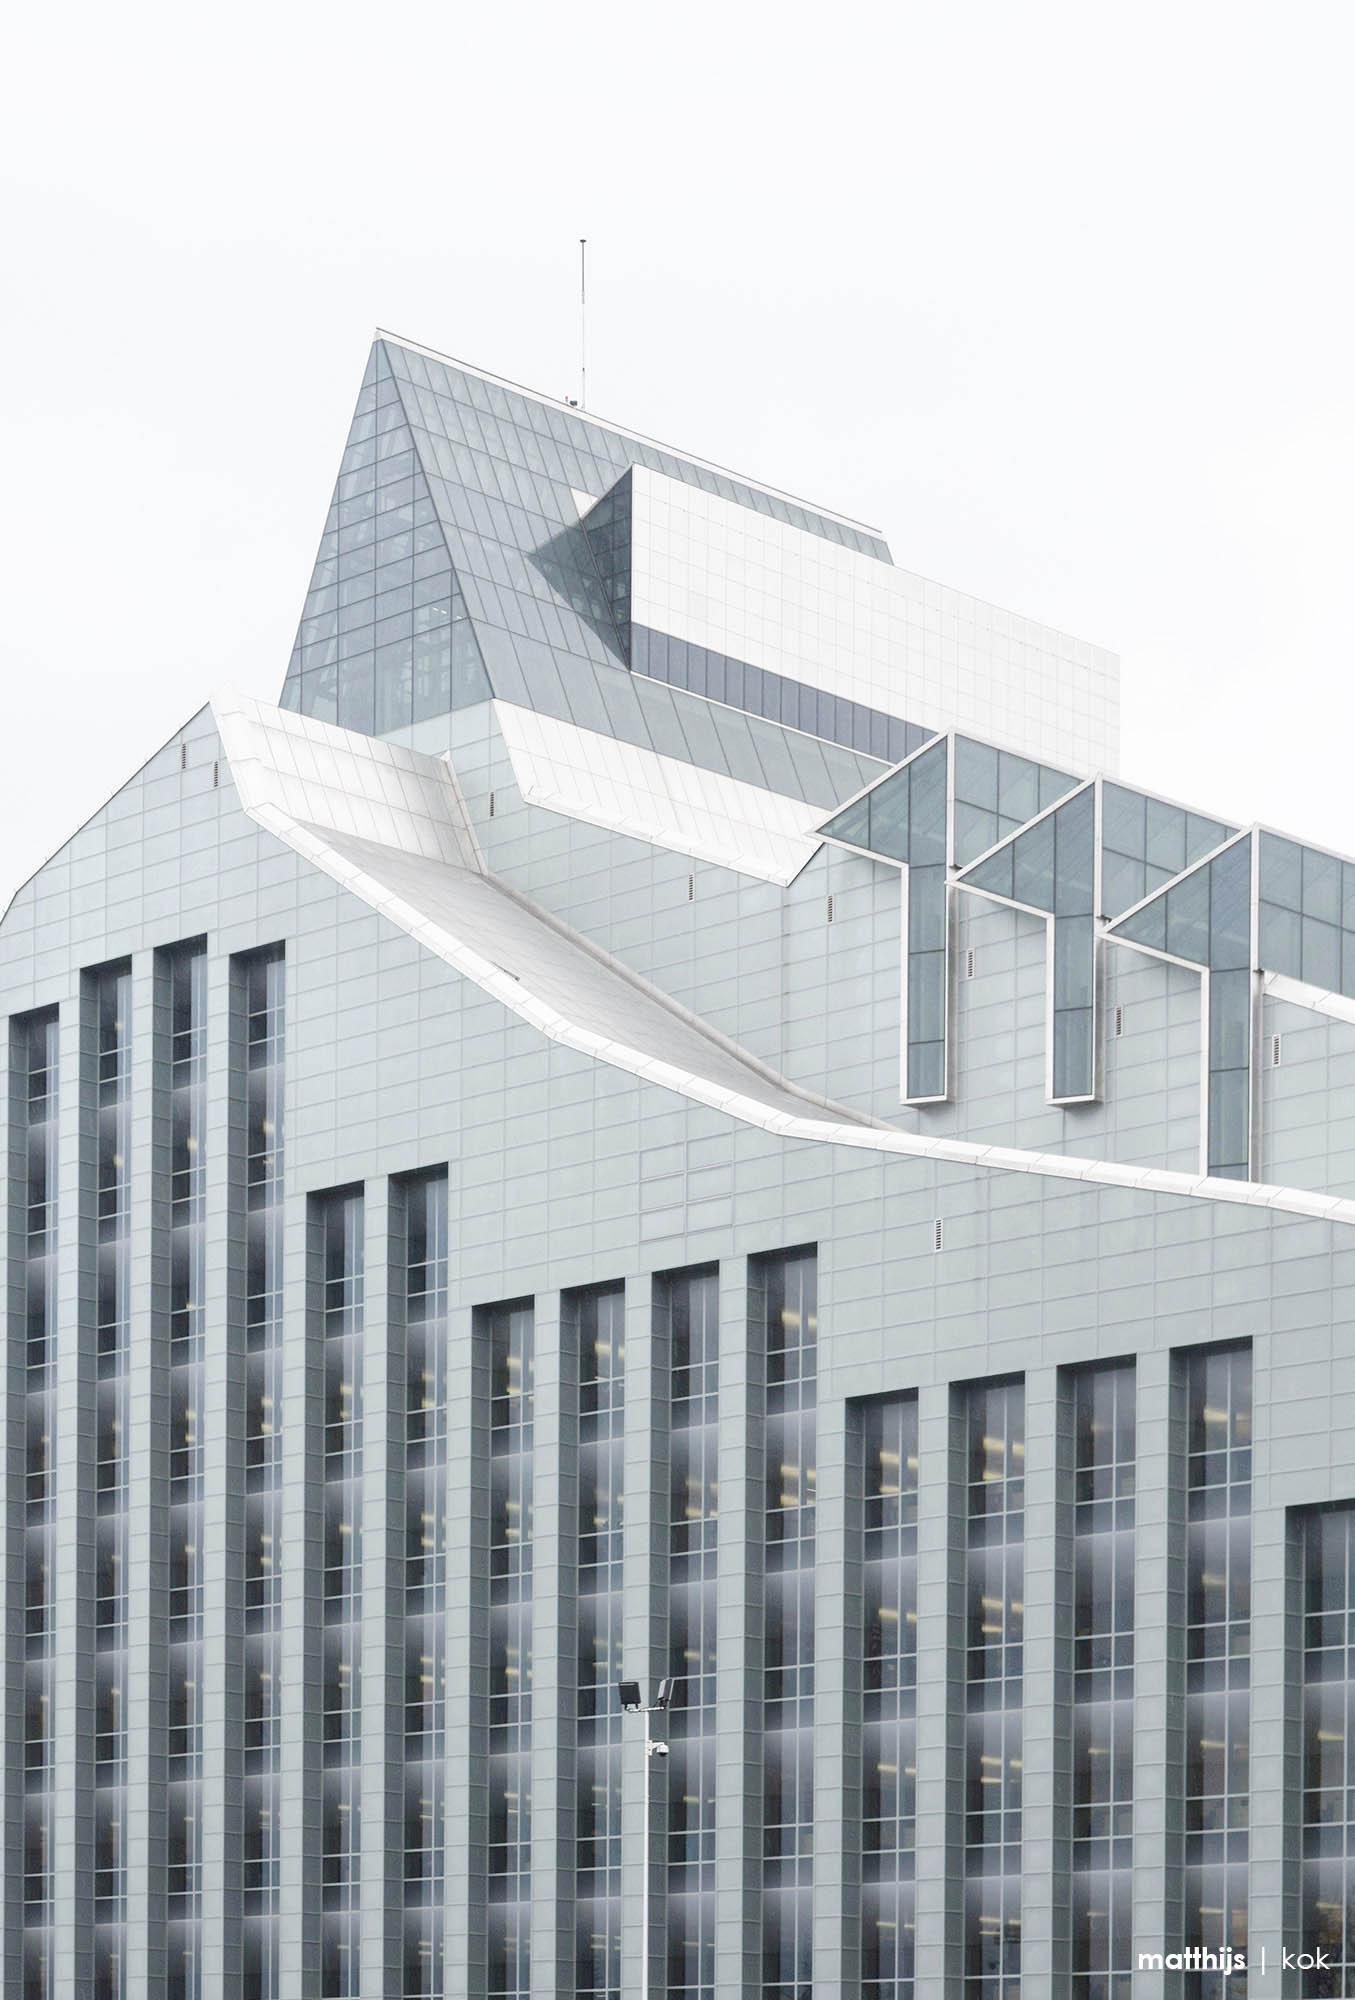 National Library of Latvia, Riga, Latvia   Photo by Matthijs Kok